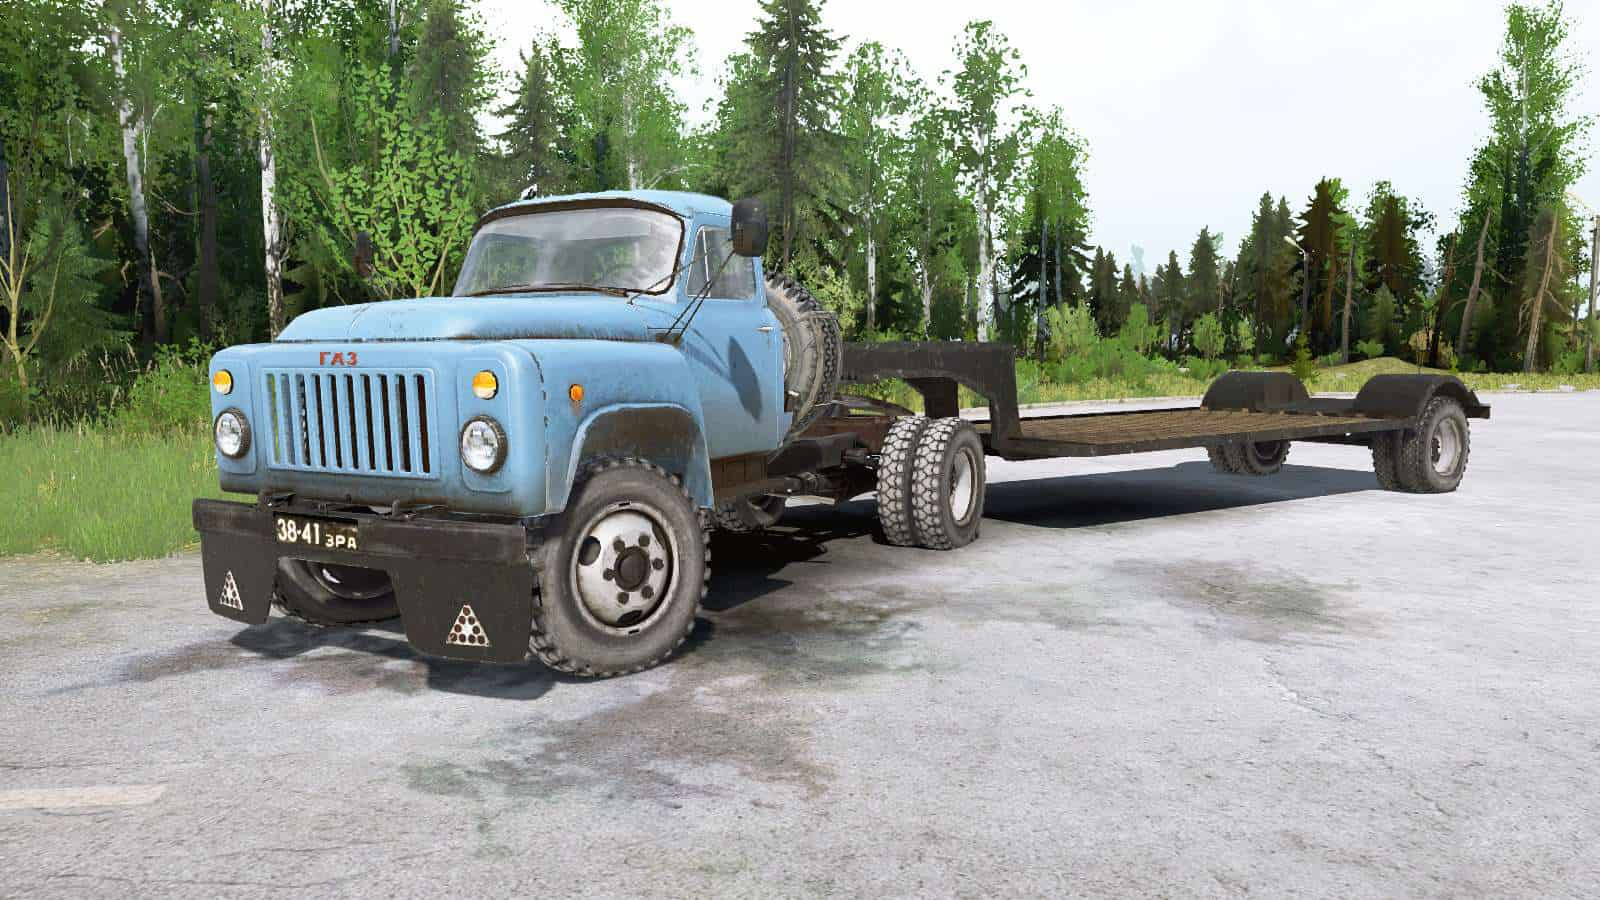 Spintires:Mudrunner - Gaz 53 Truck